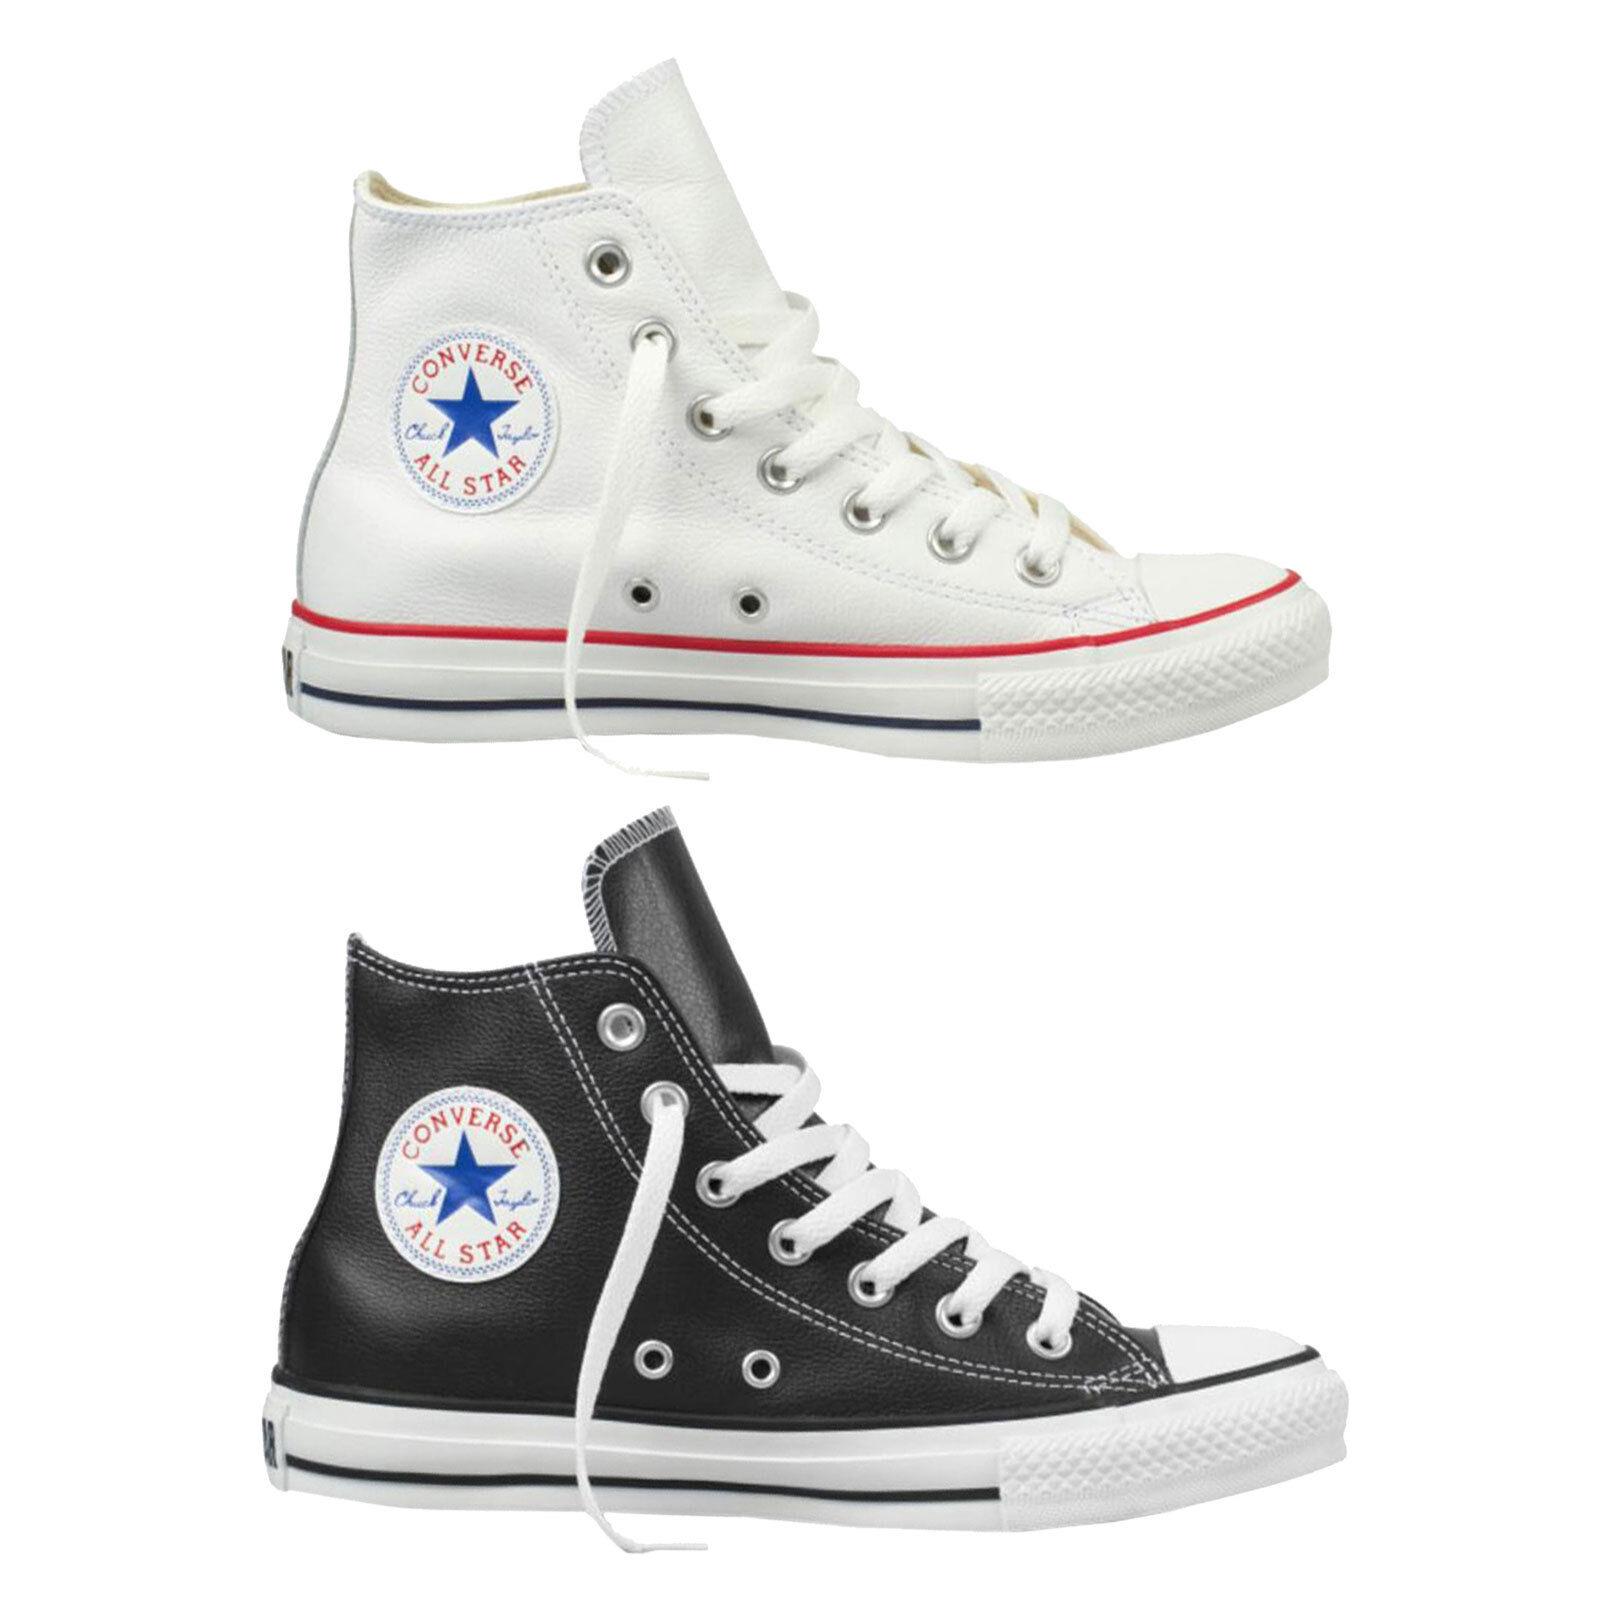 Converse Chuck Taylor All Star Schuhe Hi Herren-Lederschuhe Sneaker Hi-Top Schuhe Star 599153